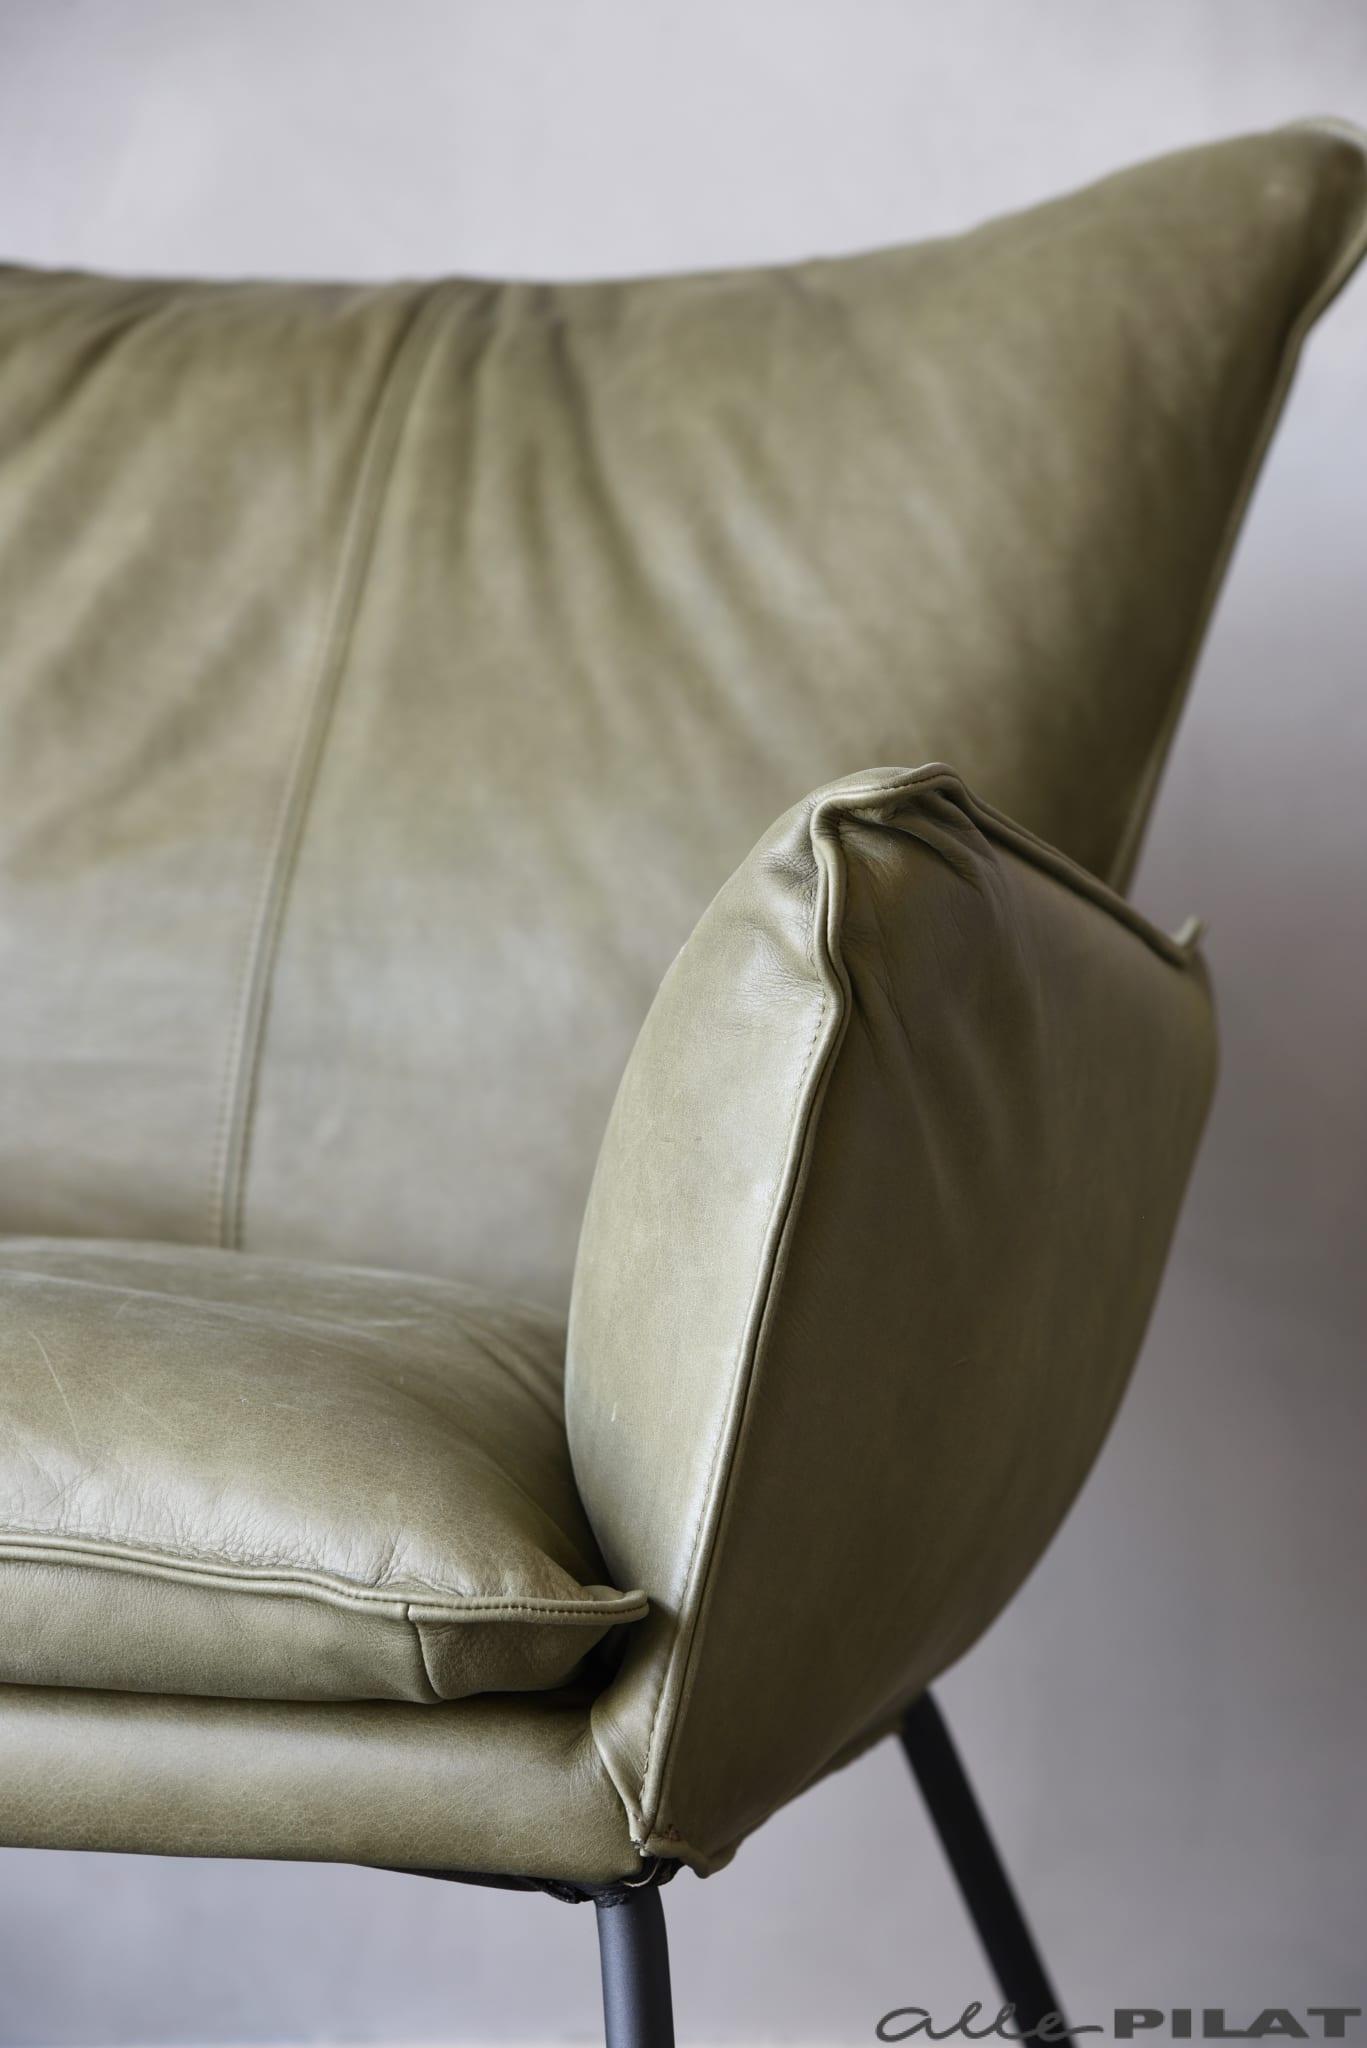 Comfortabele Luxe Fauteuil.Fauteuil Guus In Stoer Olijfgroen Leer Woonwinkel Alle Pilat